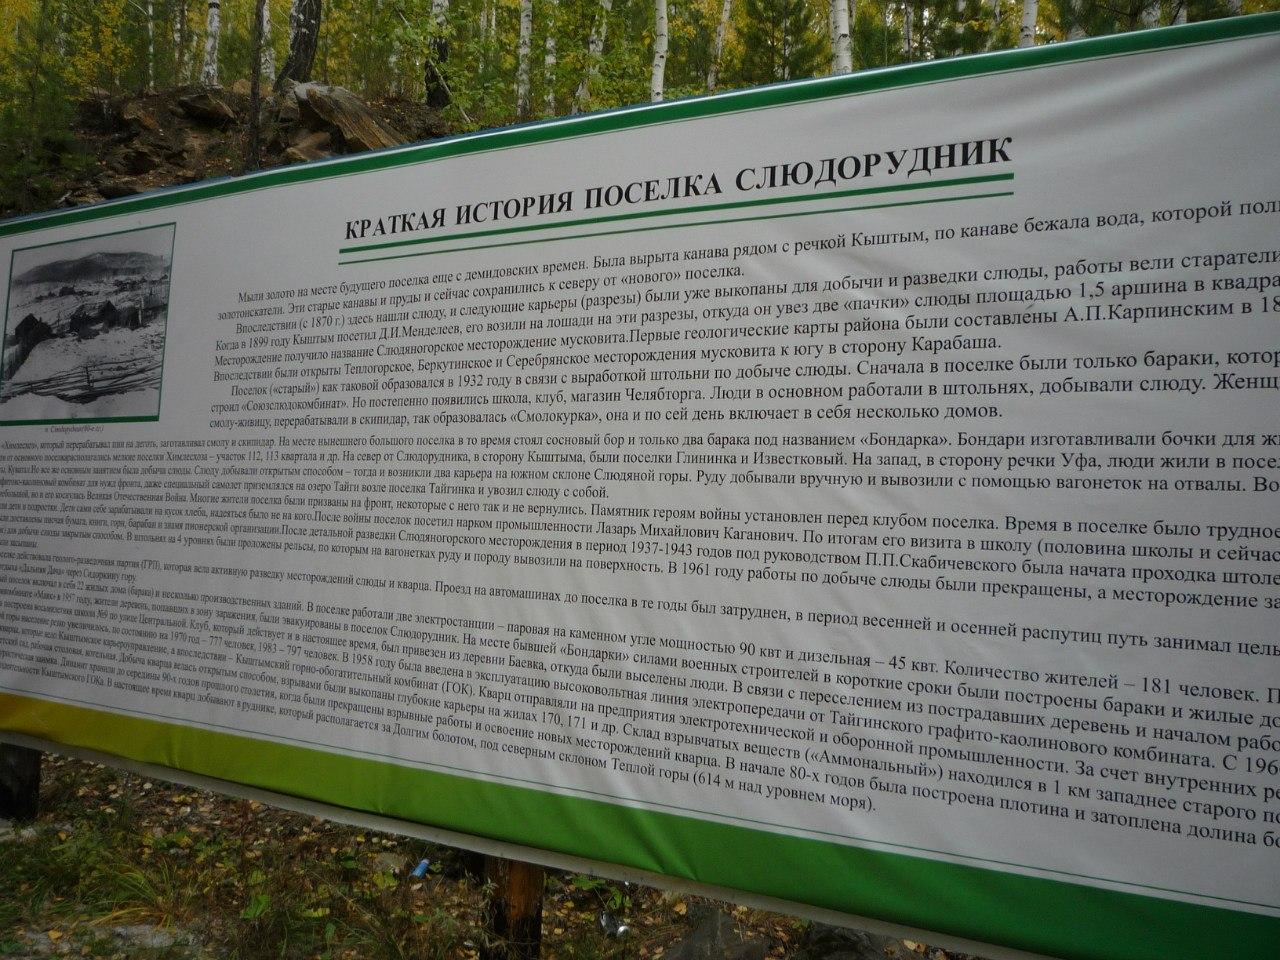 Информационный щит возле штолен Слюдорудника (20.12.2015)